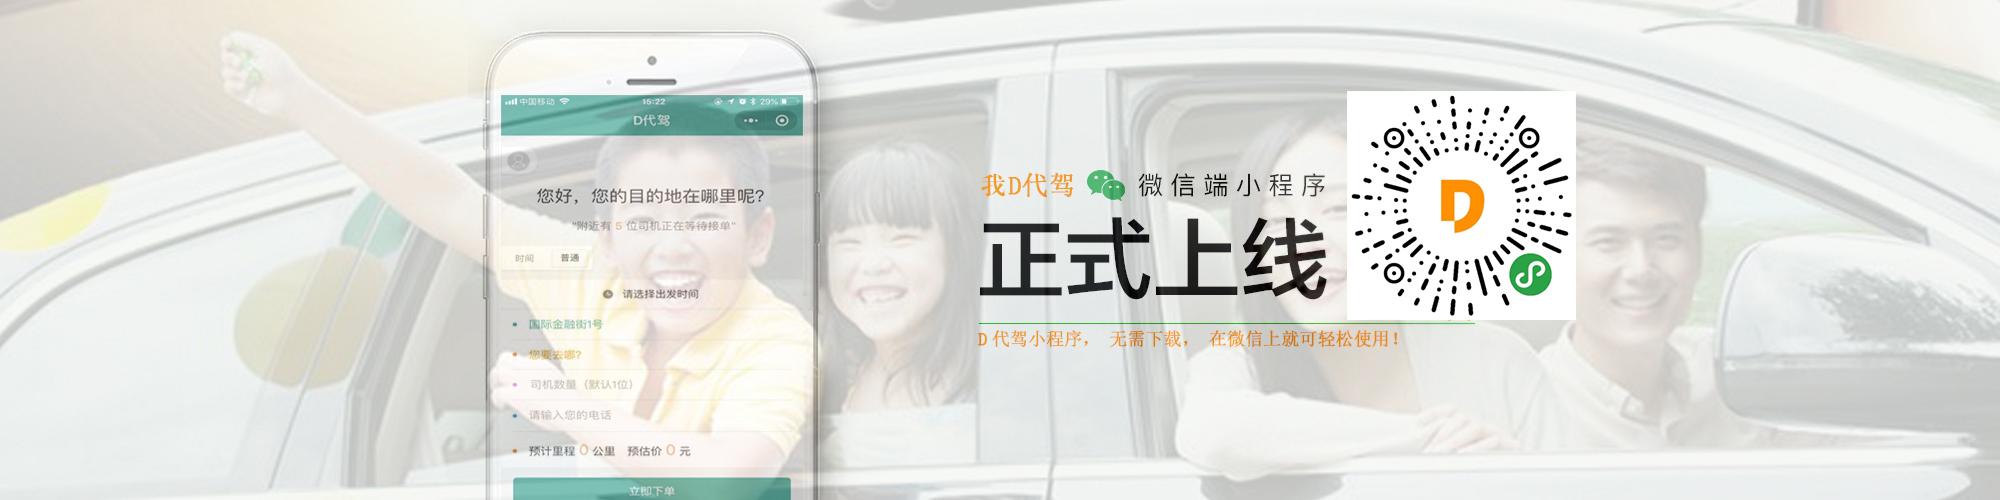 贵州代驾公司